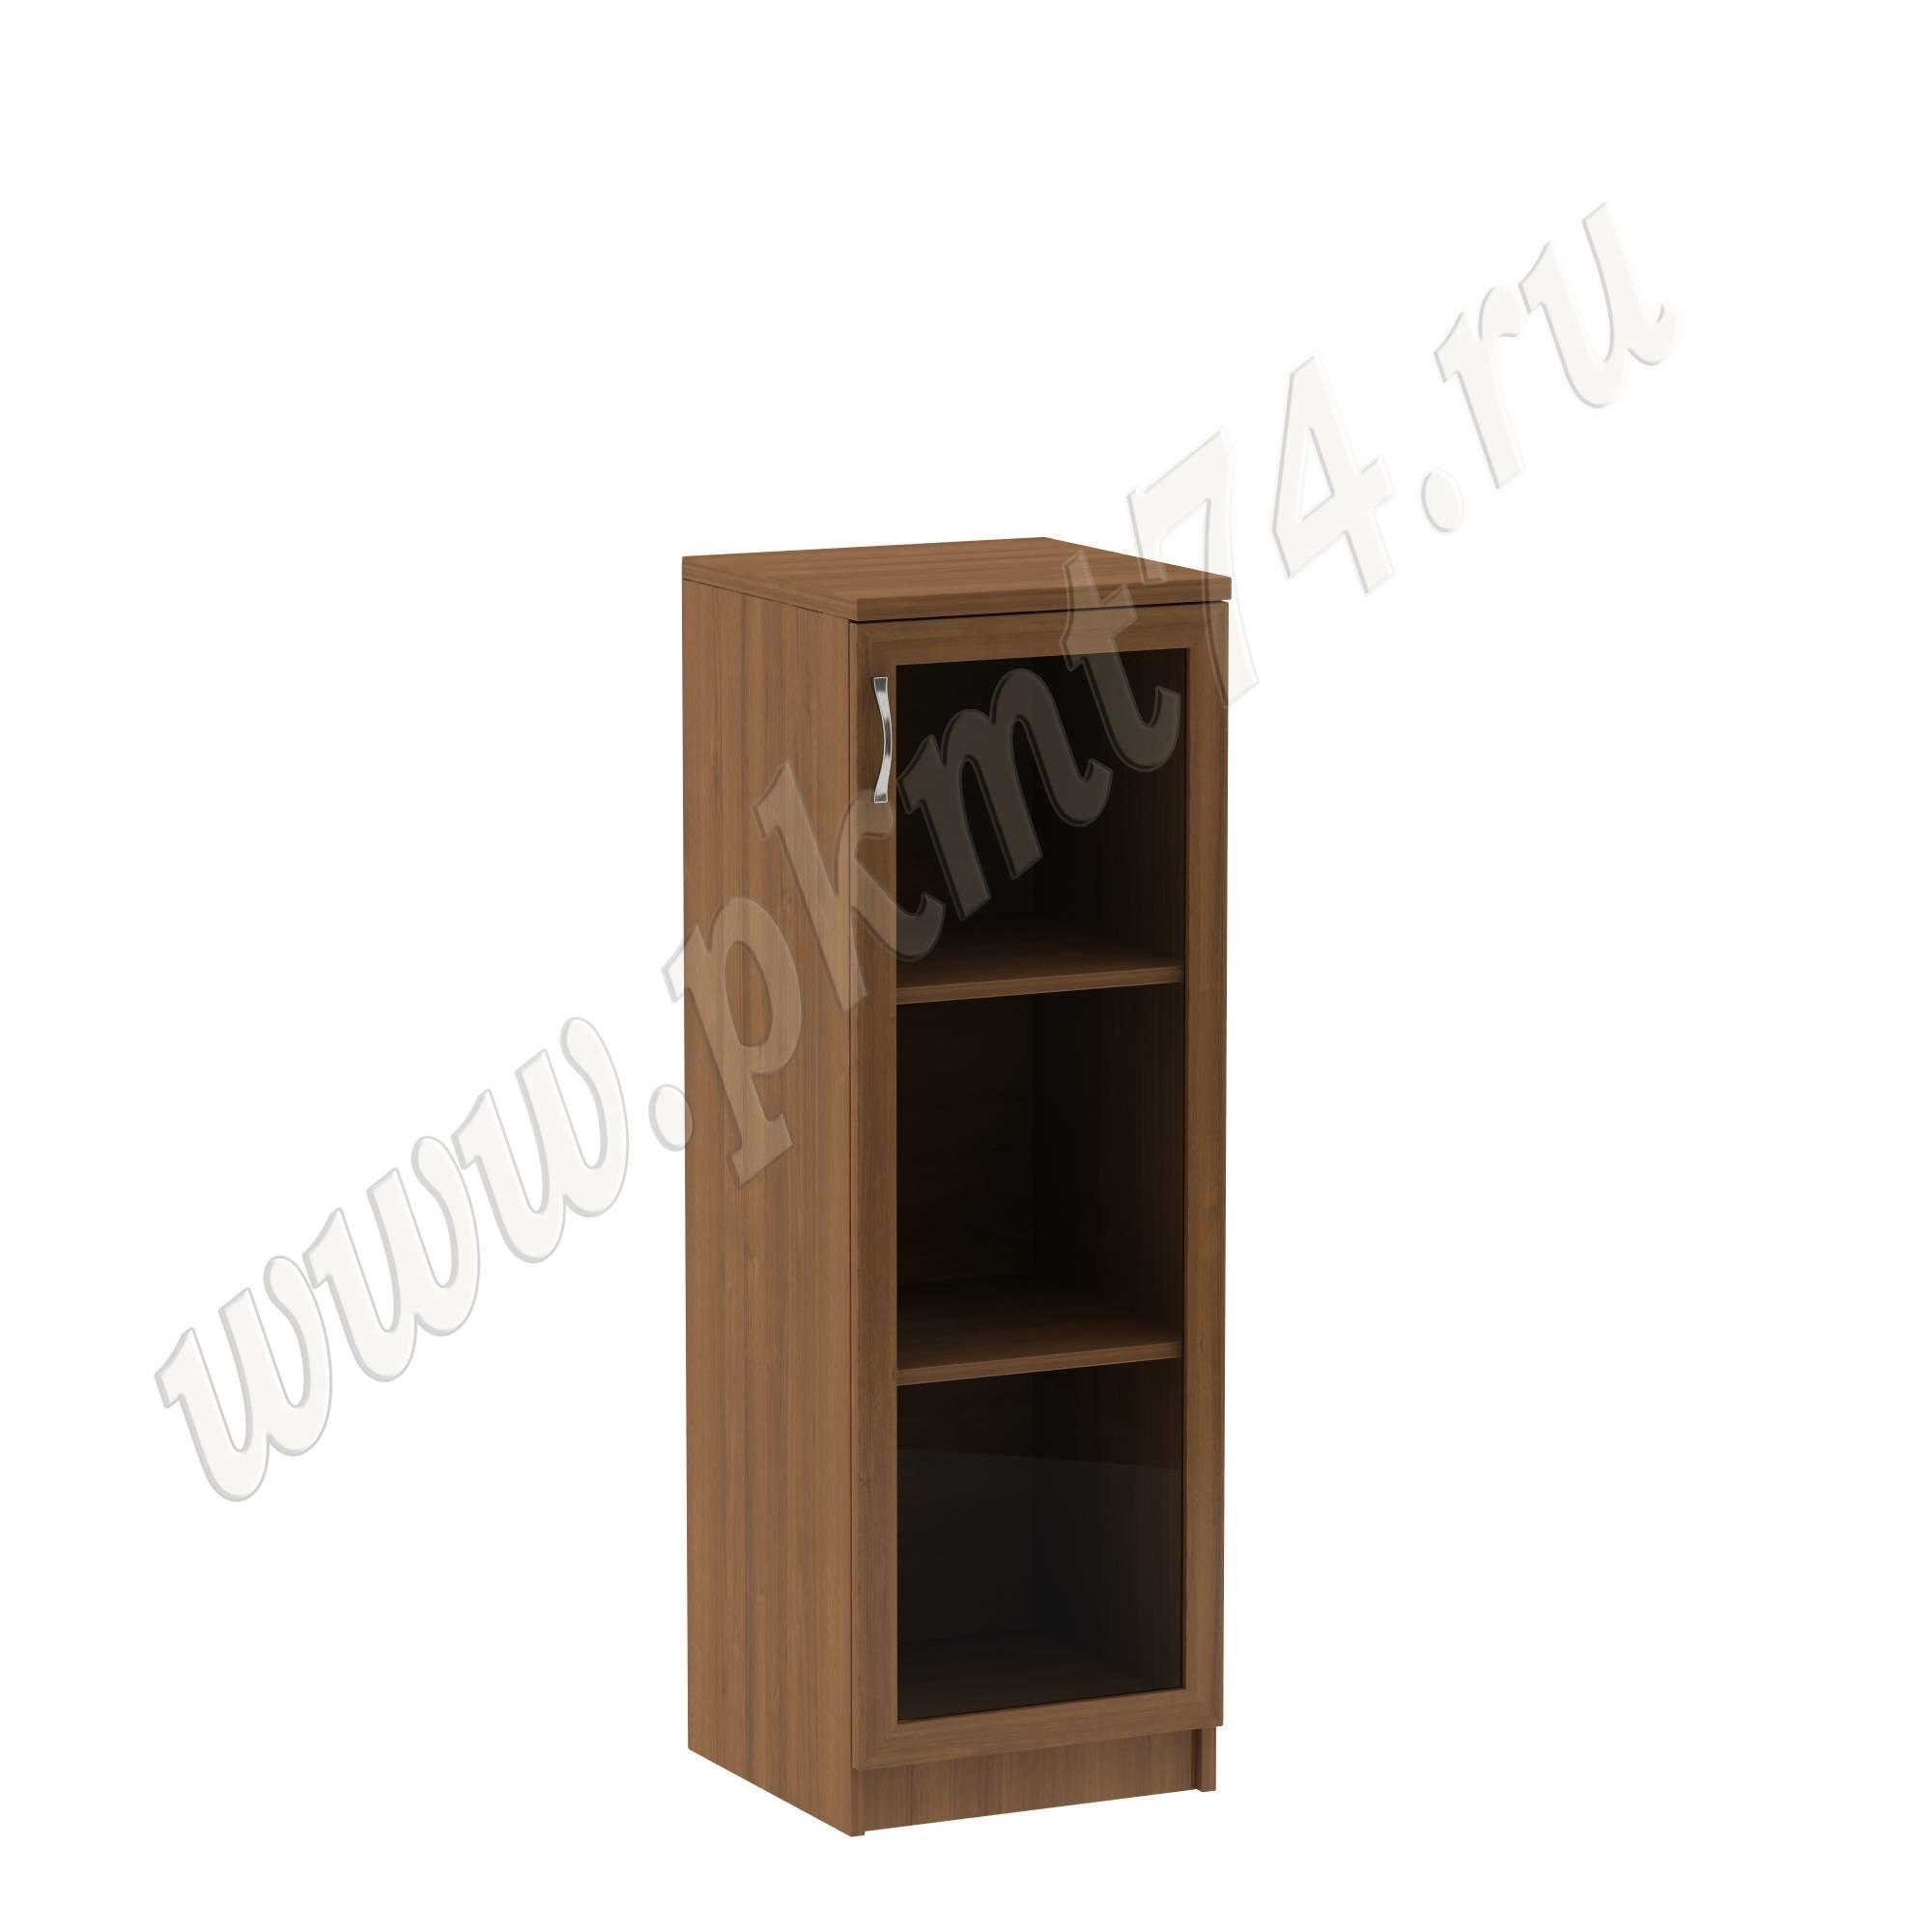 Пенал для офиса низкий с стеклянной дверкой МТ 13-7 Орех